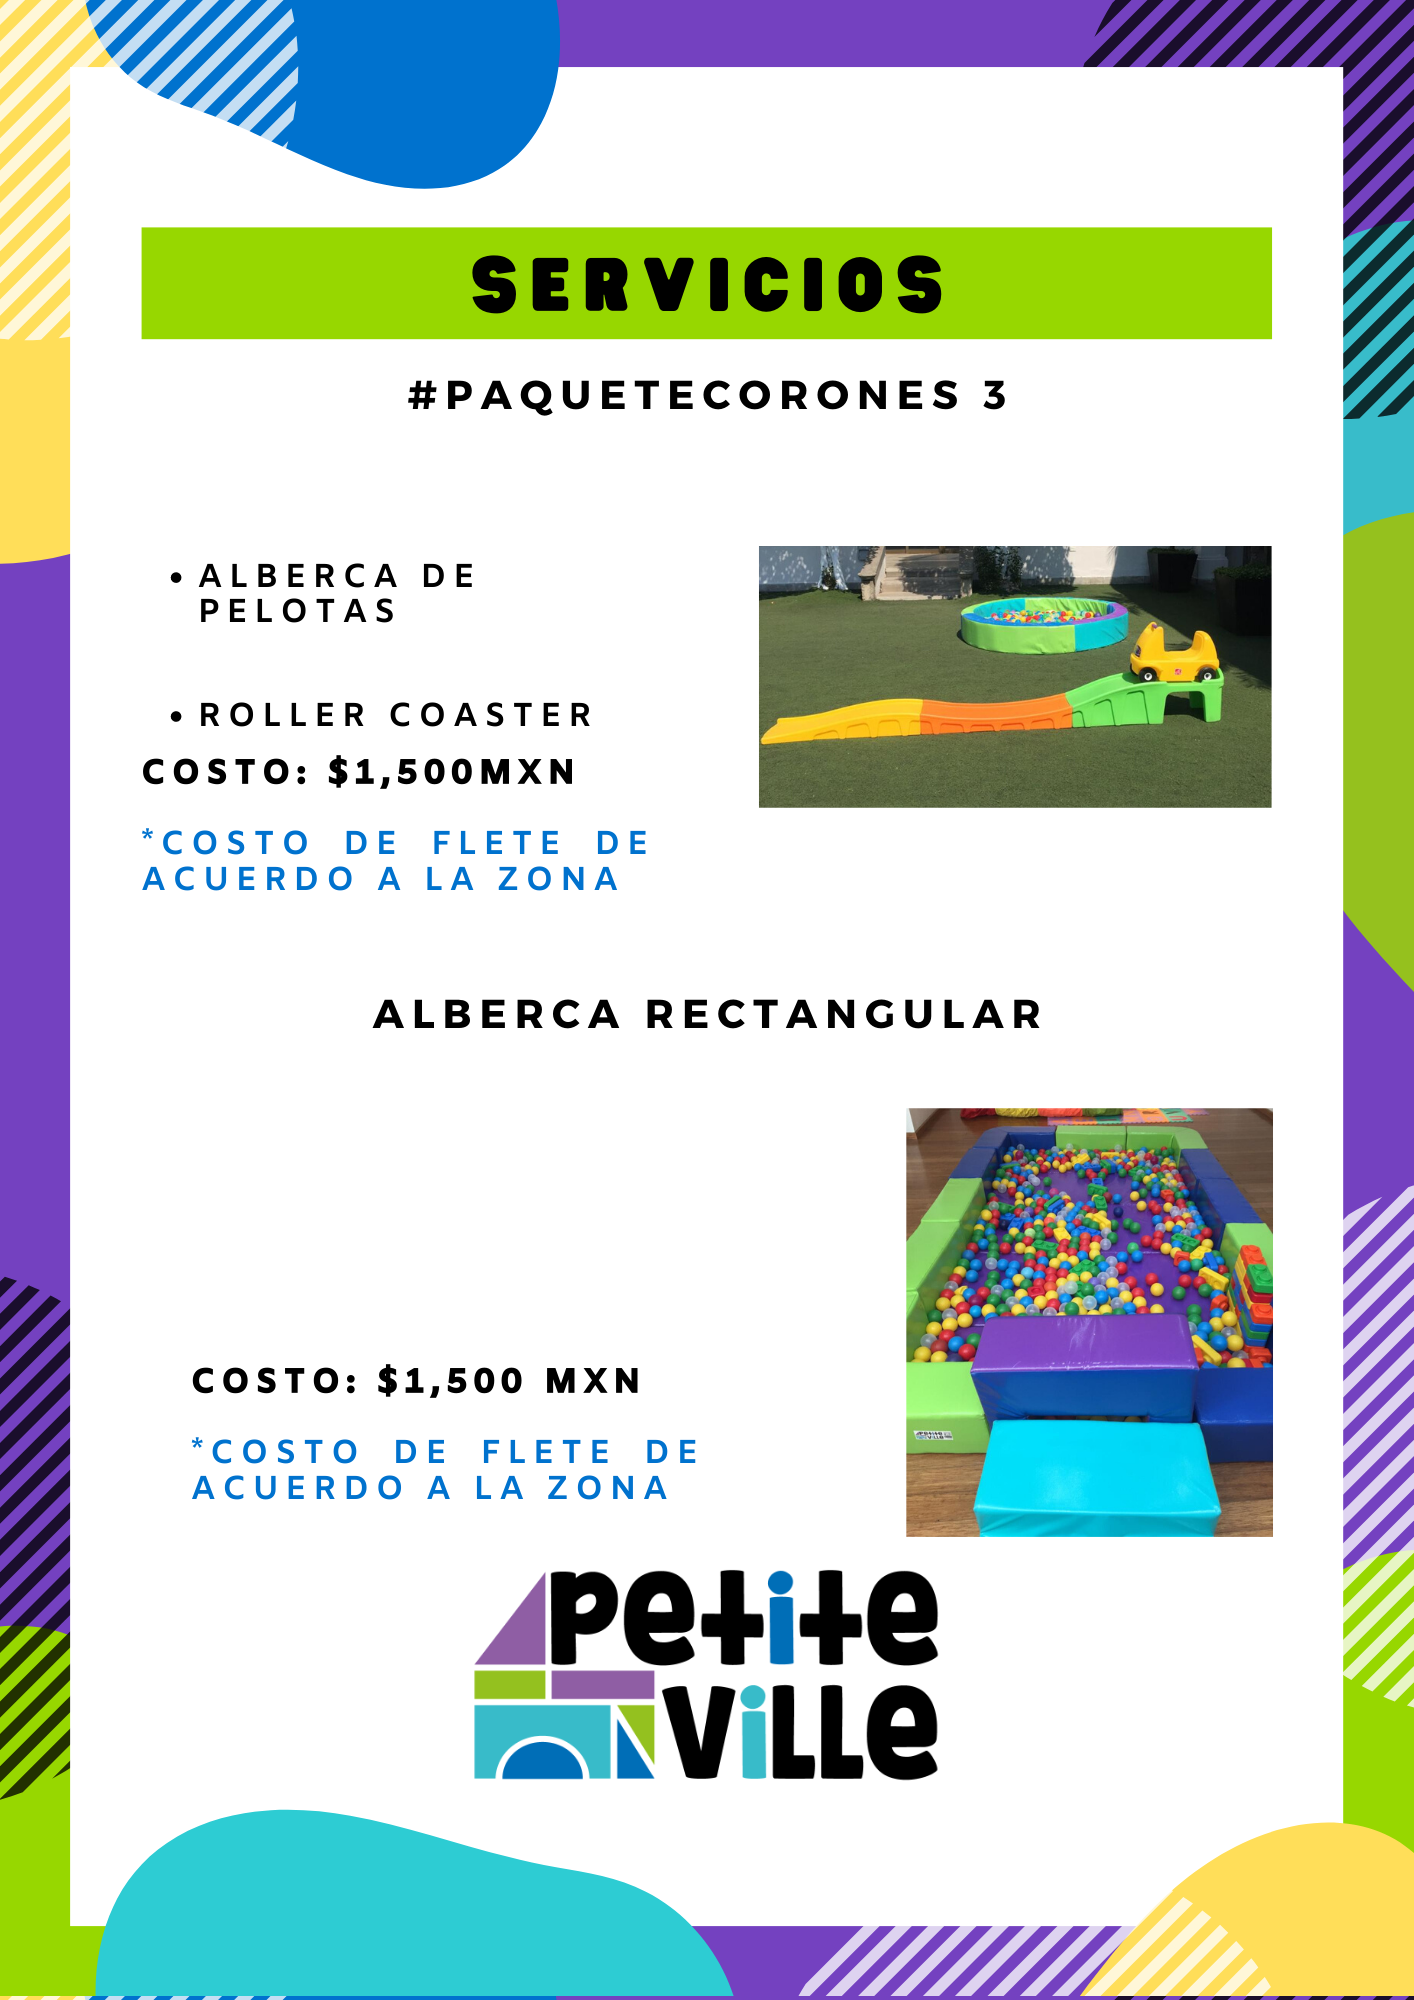 Paquetecorones3